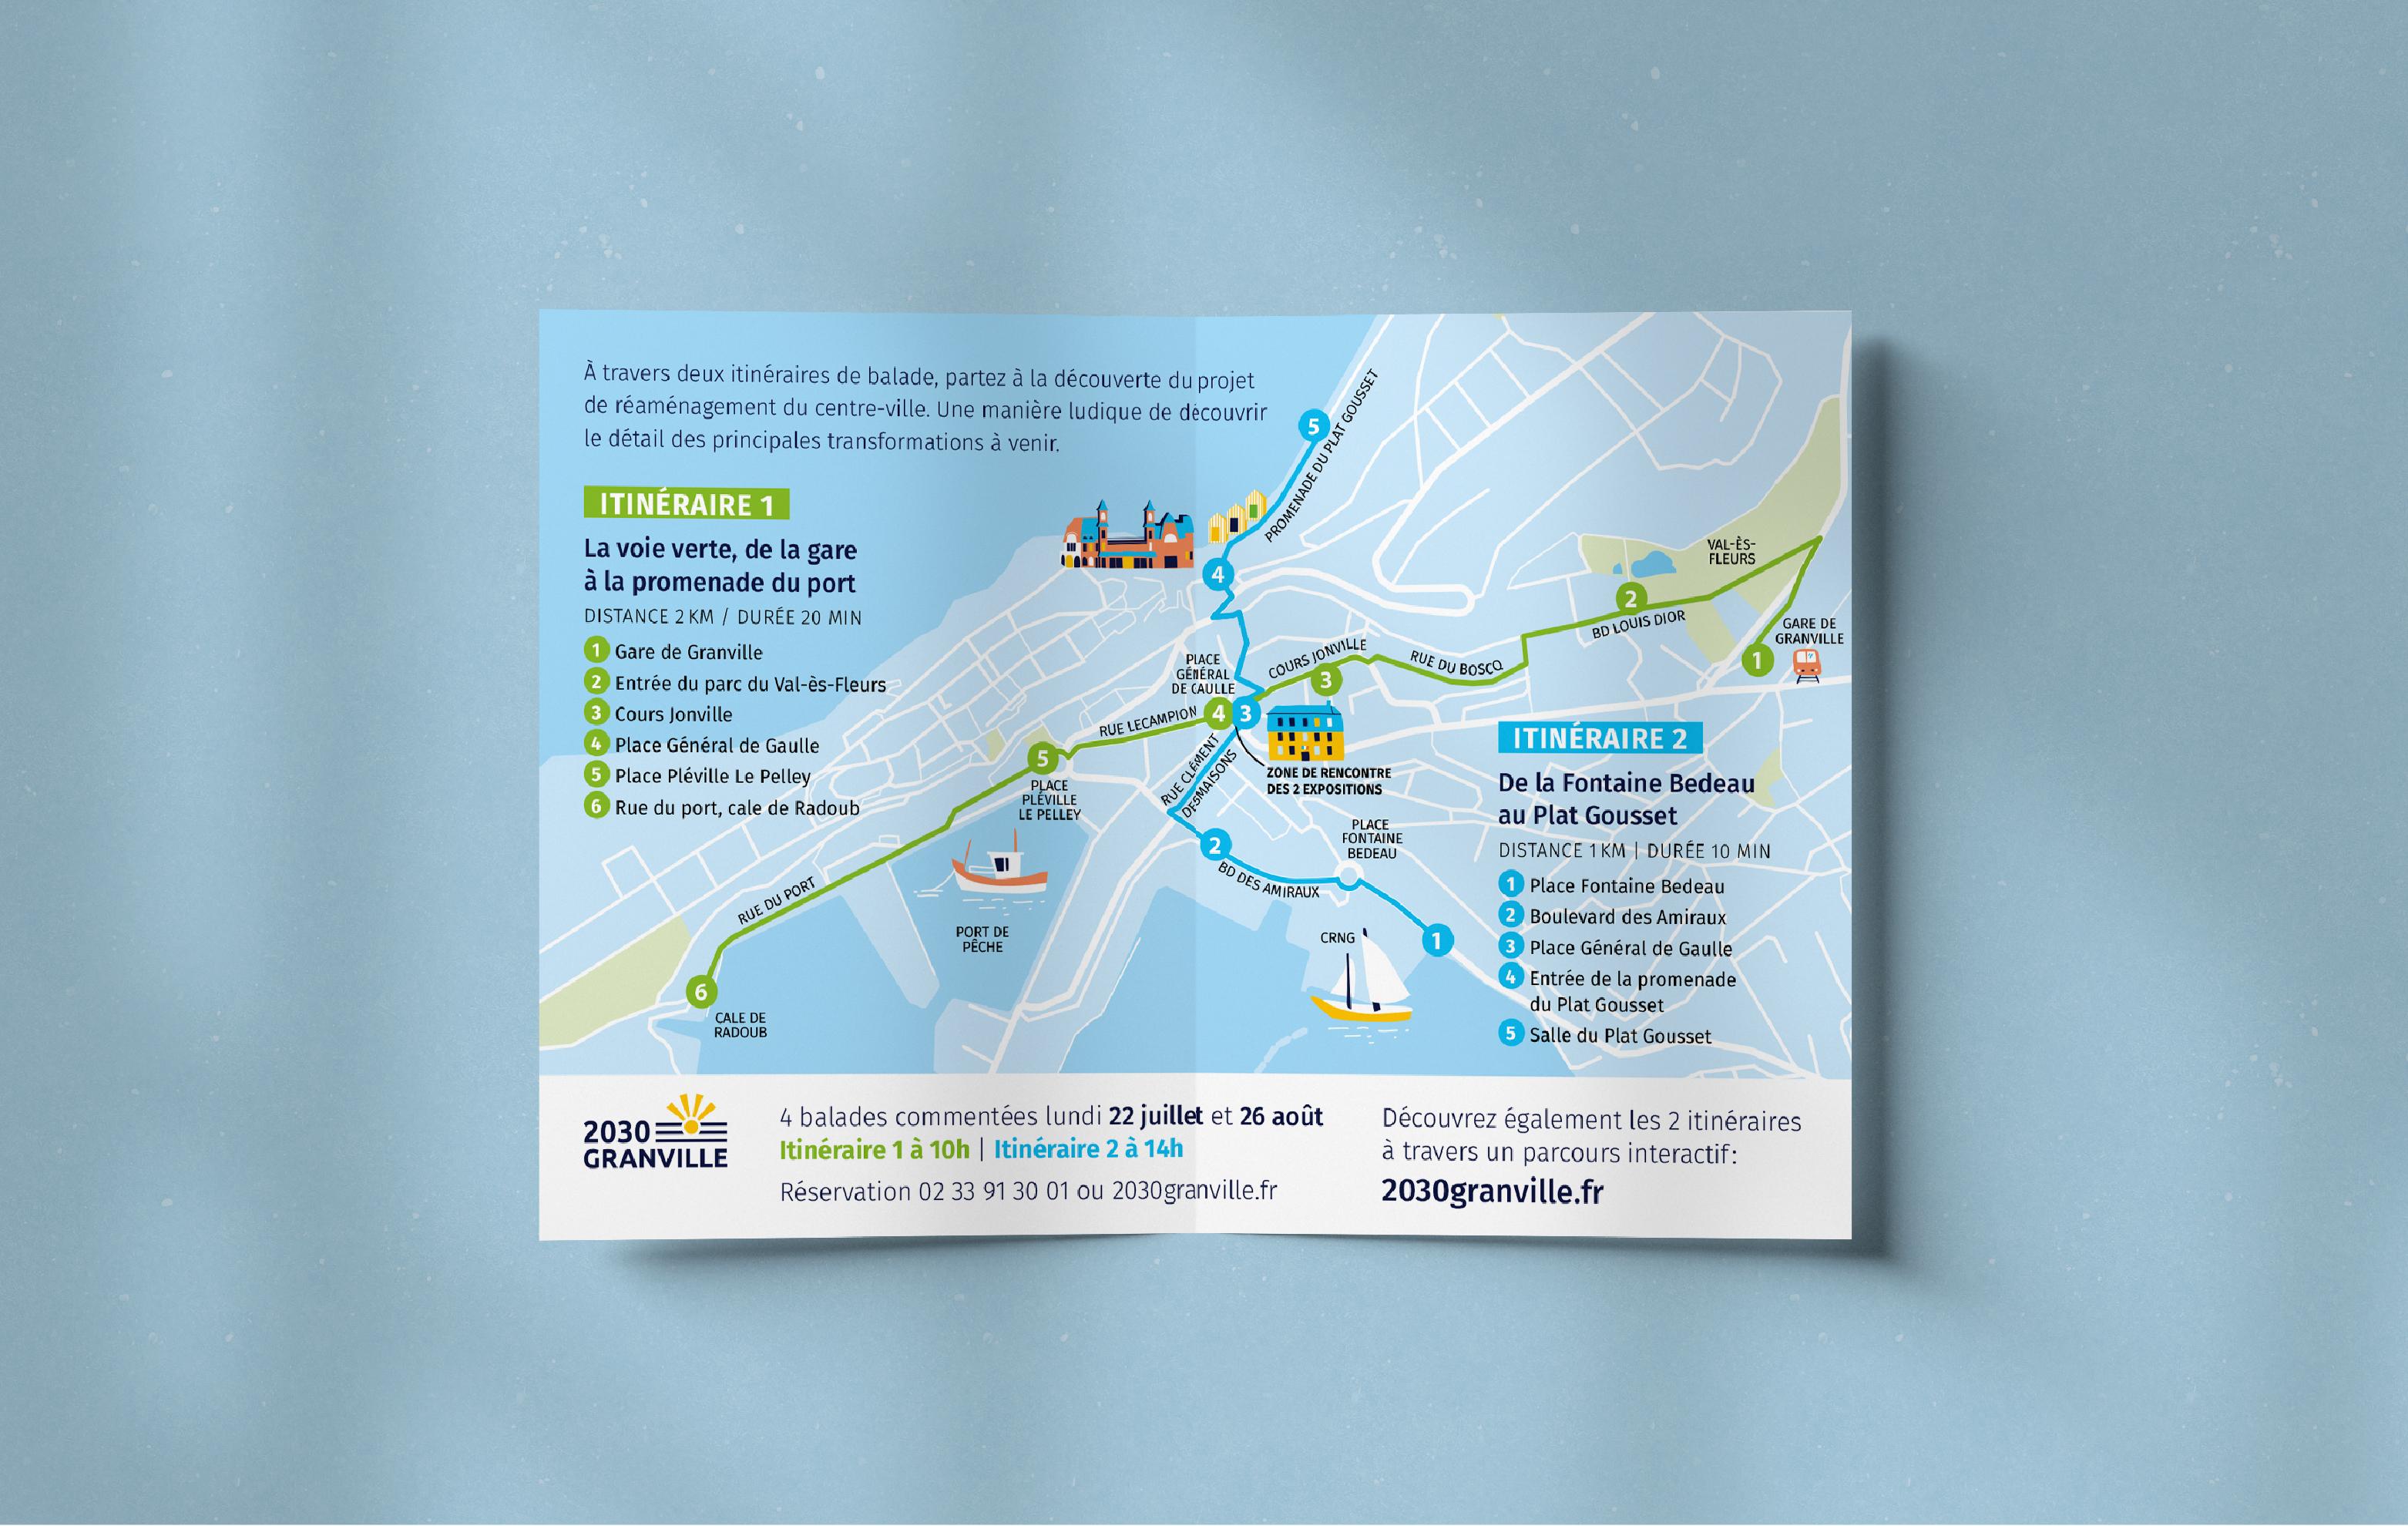 https://services.atelier-des-giboulees.com/storage/uploads/49c8a511-5a9d-416a-8955-5c4b1ab45613/carte-giboulees-site2020-granville-galerie-grande-photo-copie.jpg